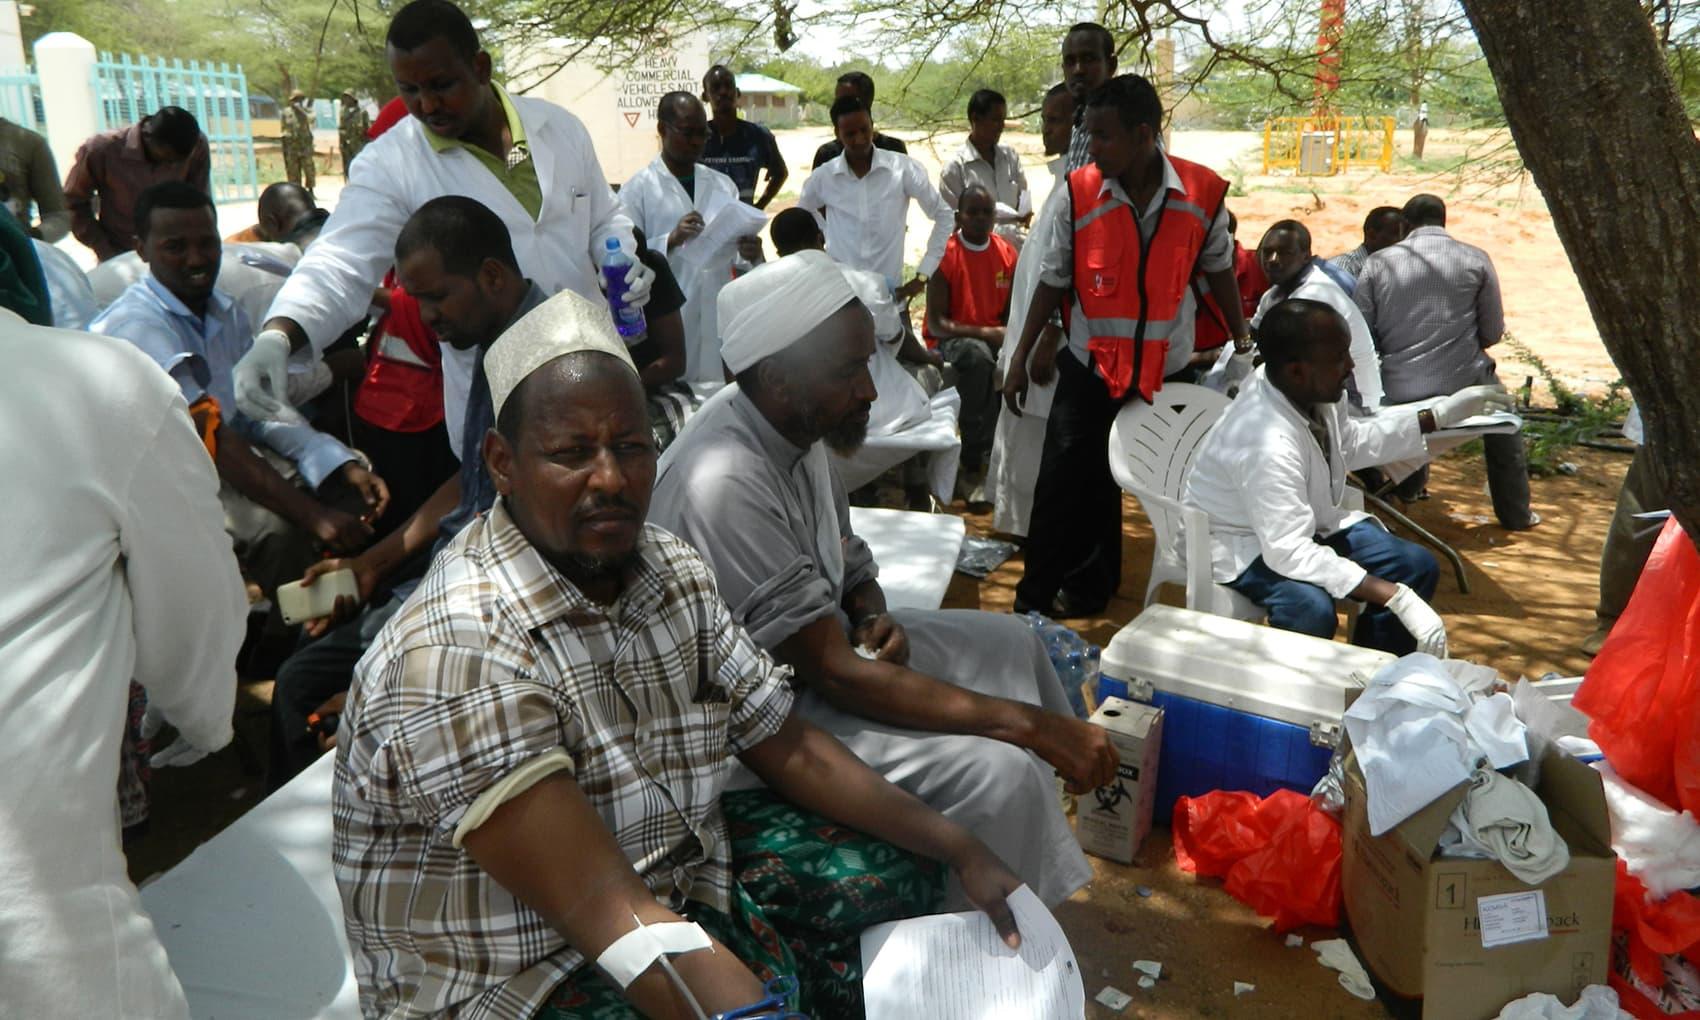 Местные жители сдают кровь в больнице Garissa.  -ap